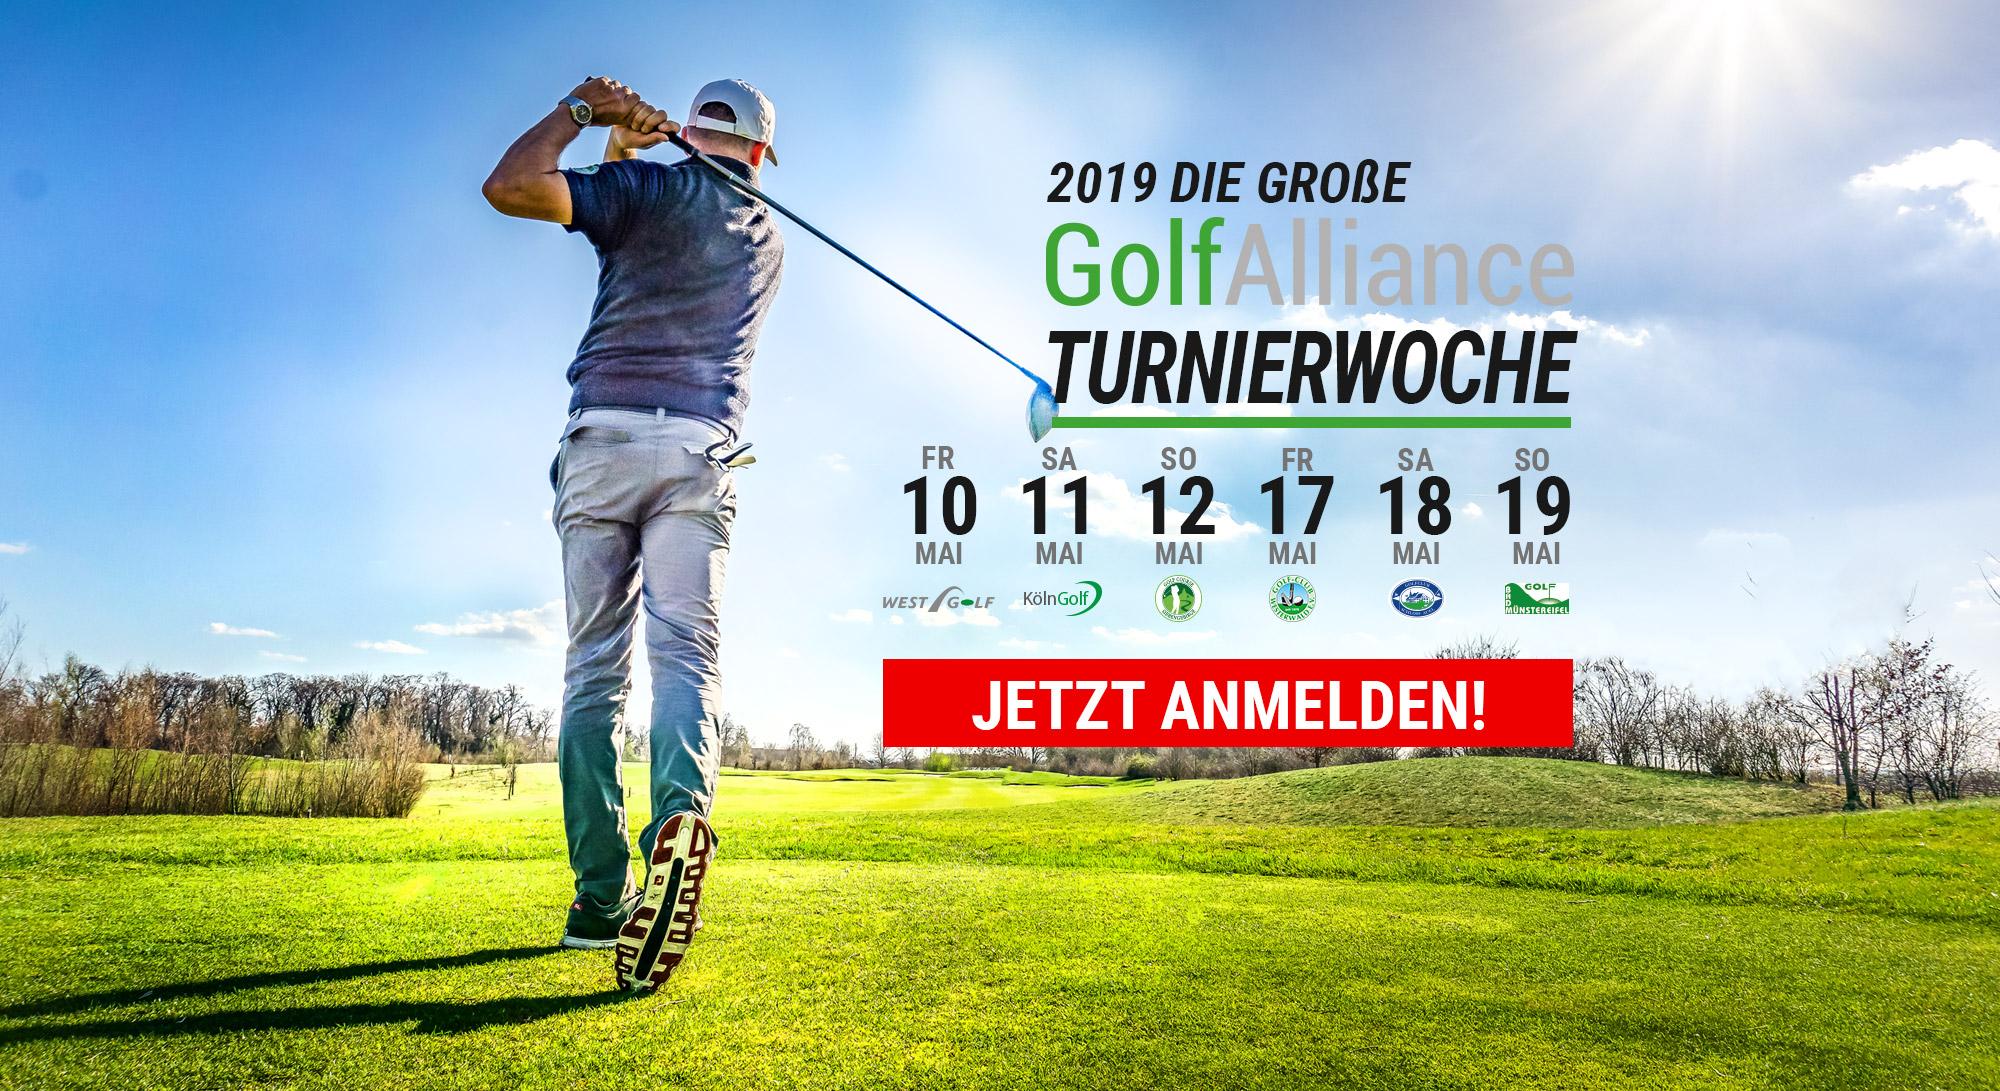 GolfAlliance Turnierwoche 2019